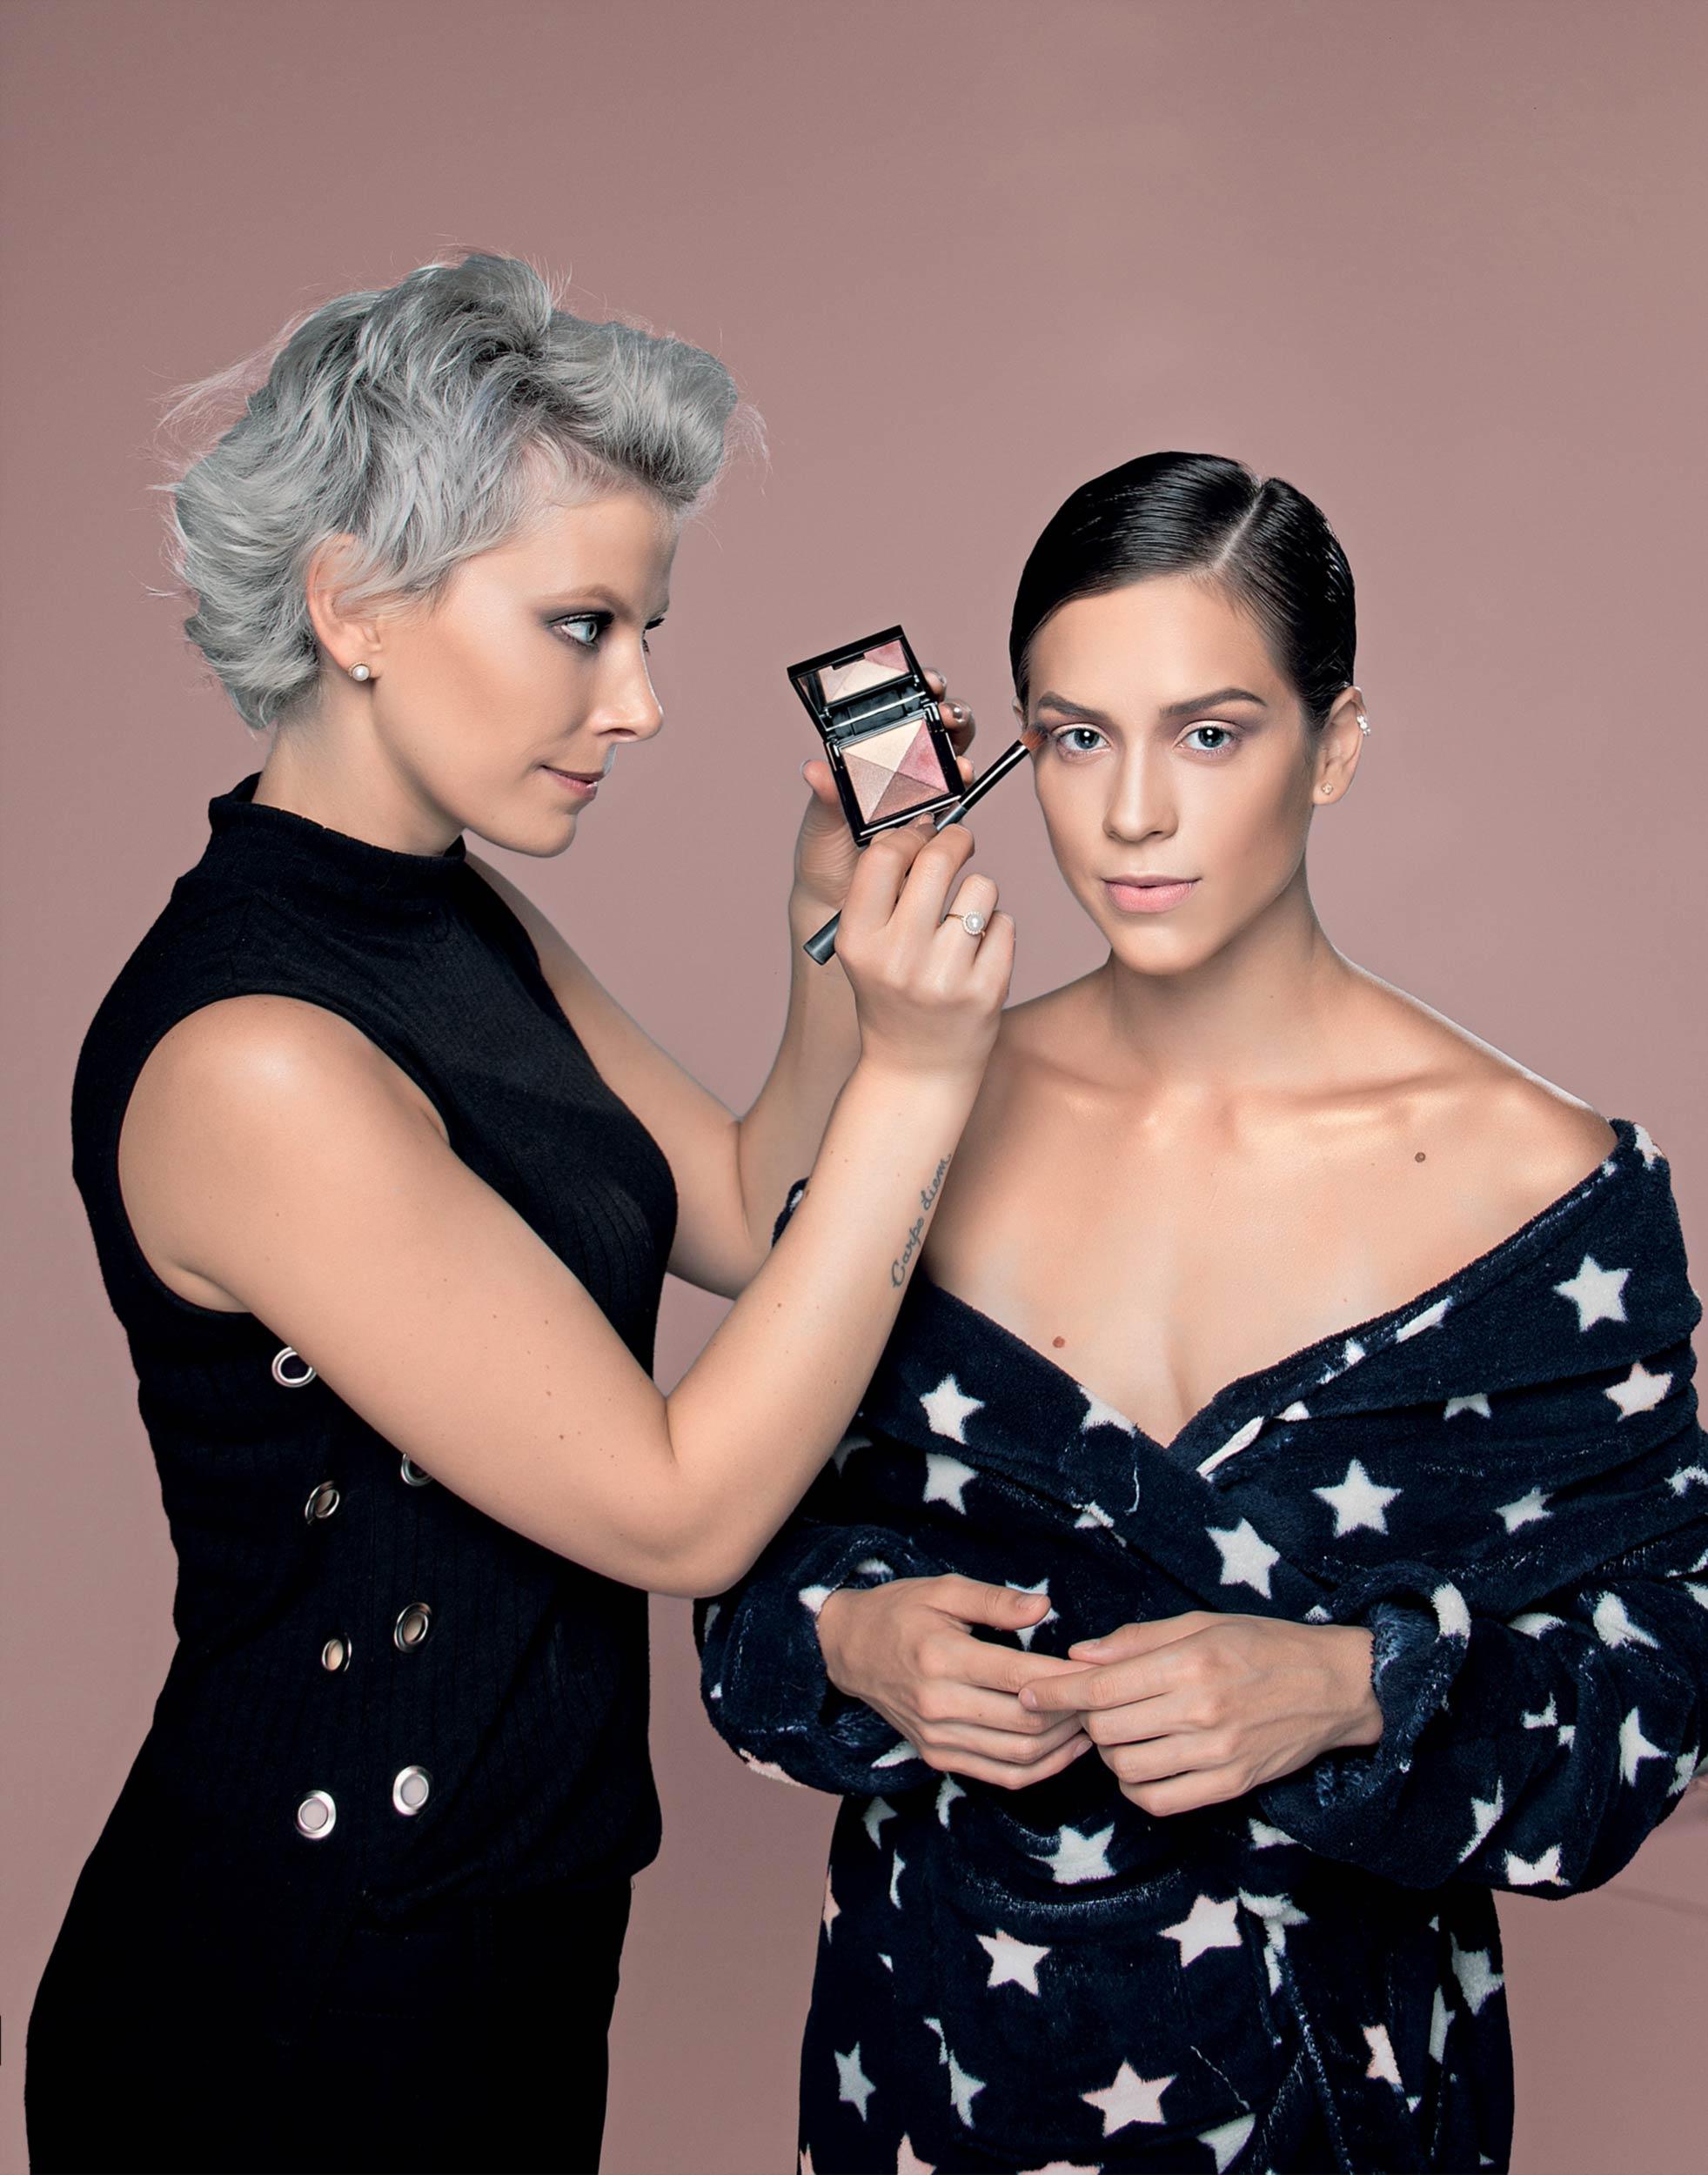 Cursos de maquiagem profissional e automaquiagem com a maquiadora premiada Suelen Johann